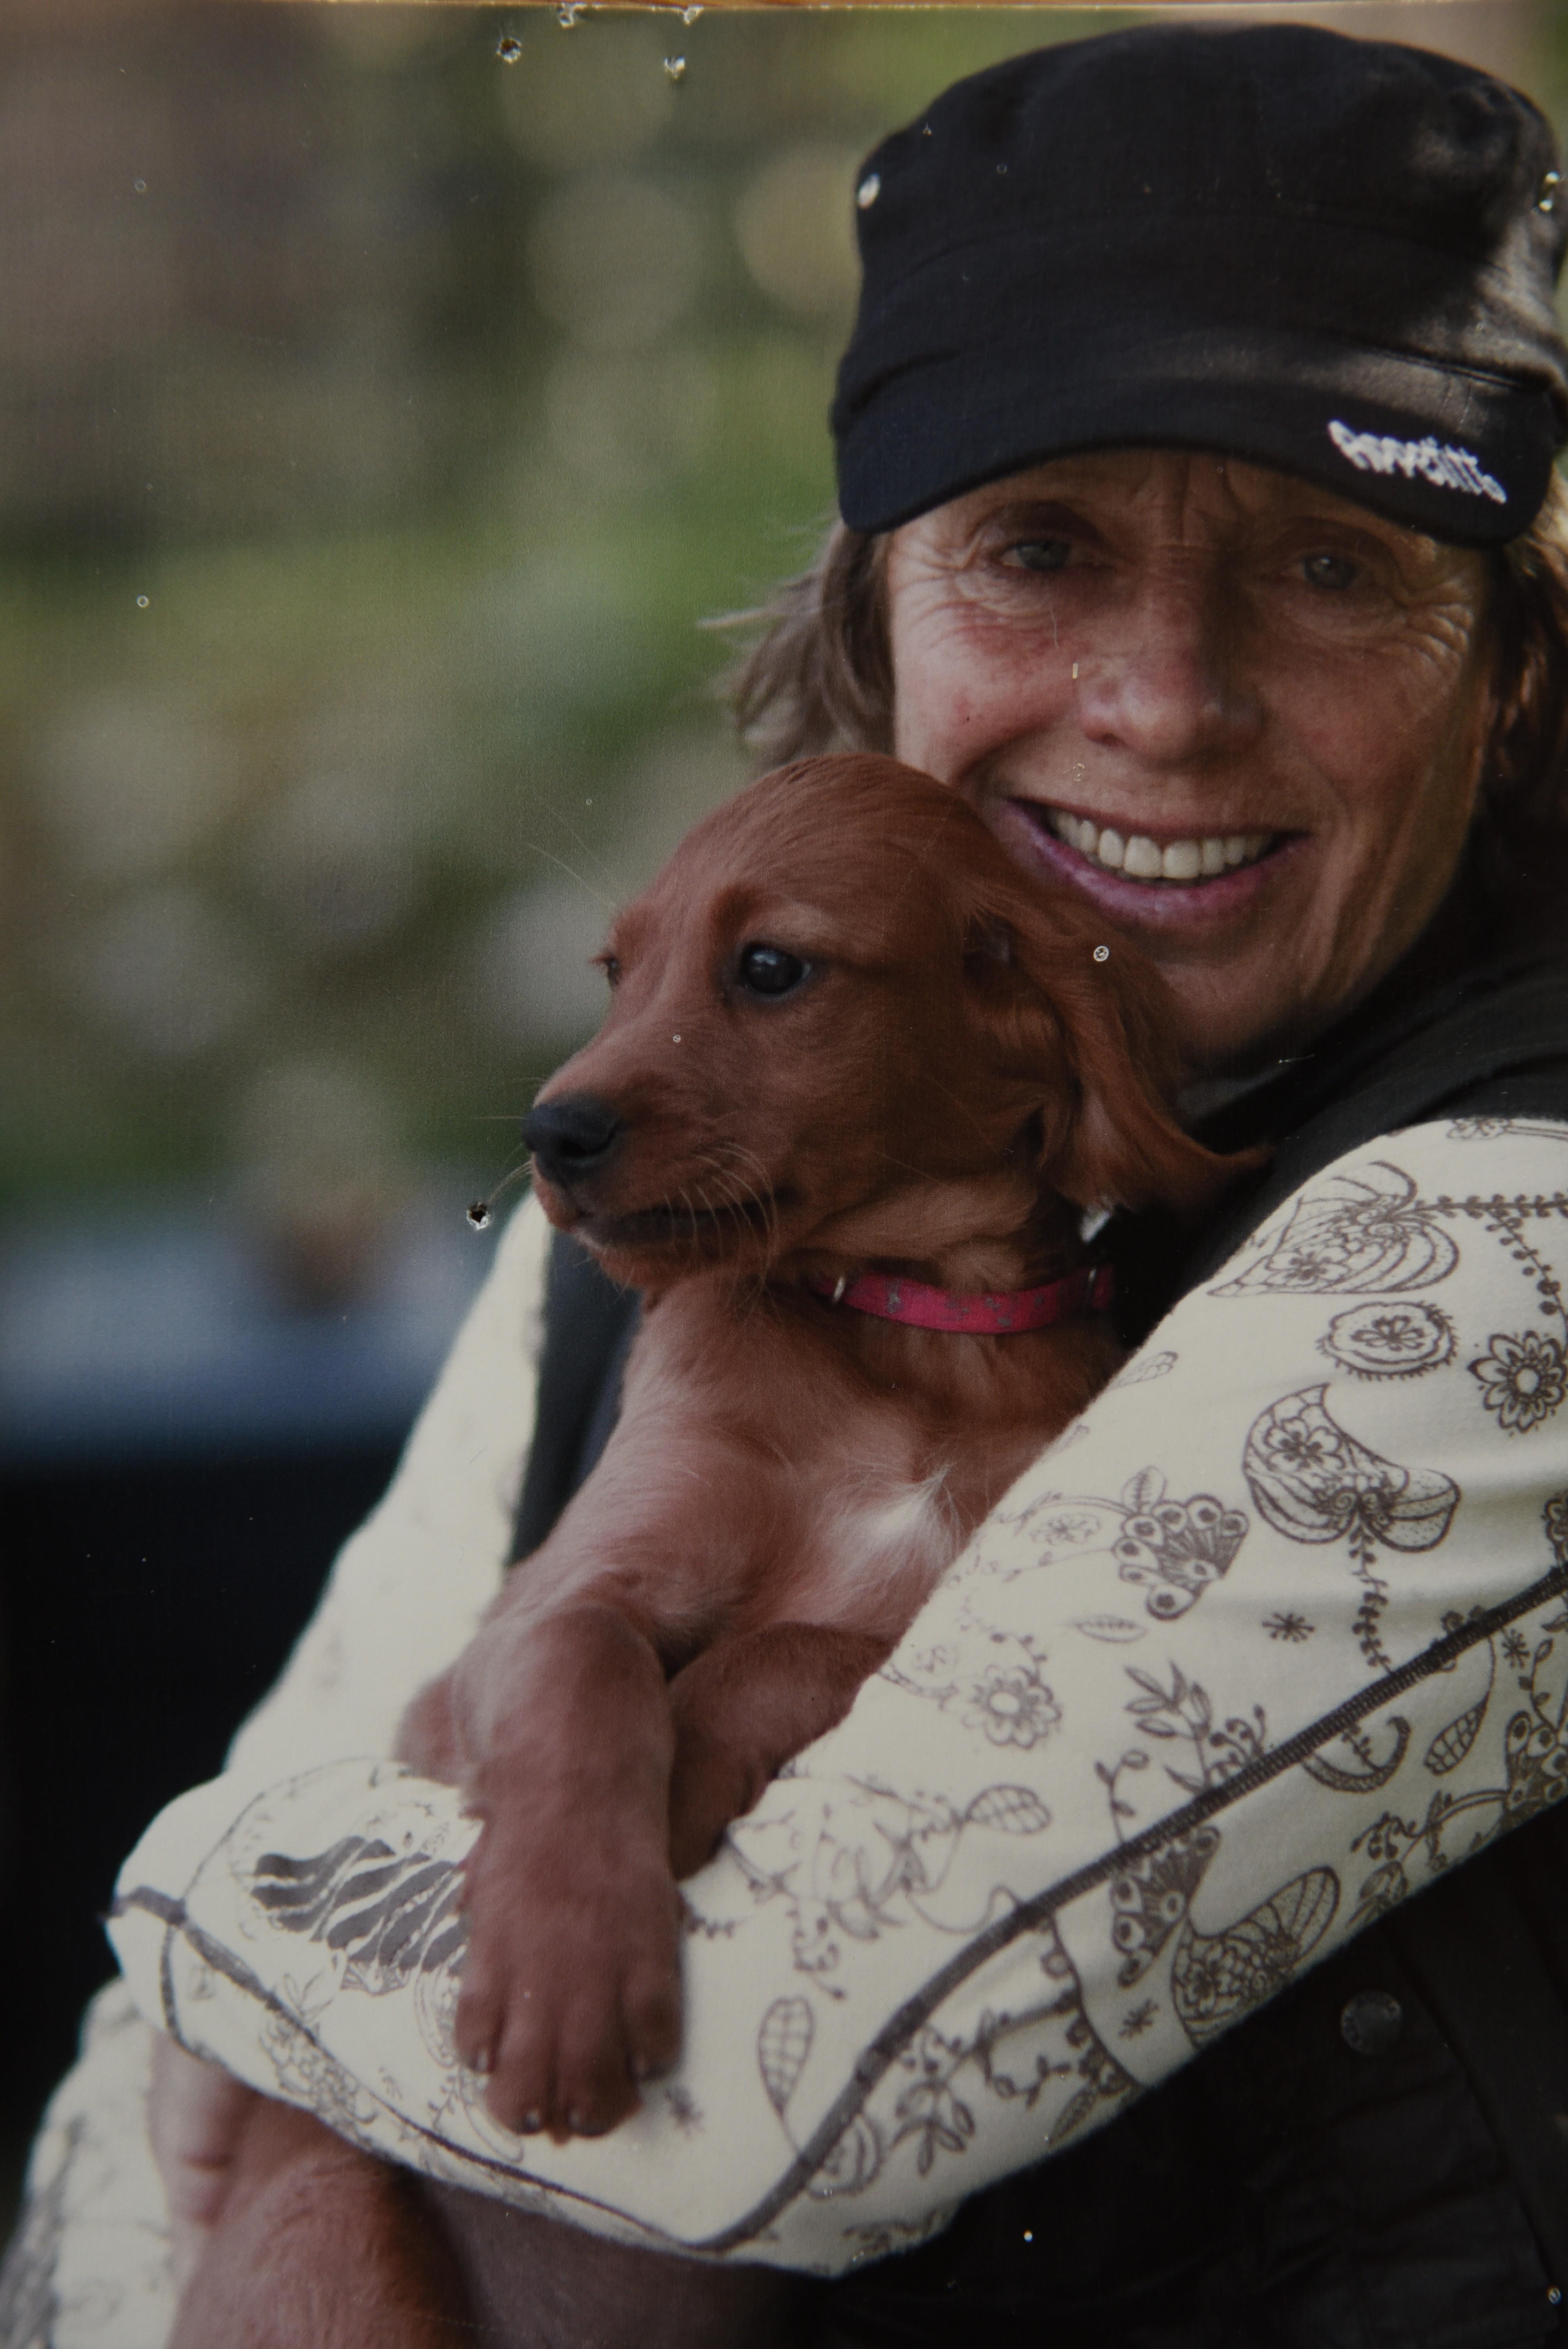 4c25d2a5 Hver gang Elin Wittusen får en ny valp, kjøper hun en hundekurv til den, og  legger i et teppe og tyggebein. En krok skrus inn i veggen og et bånd med  ...